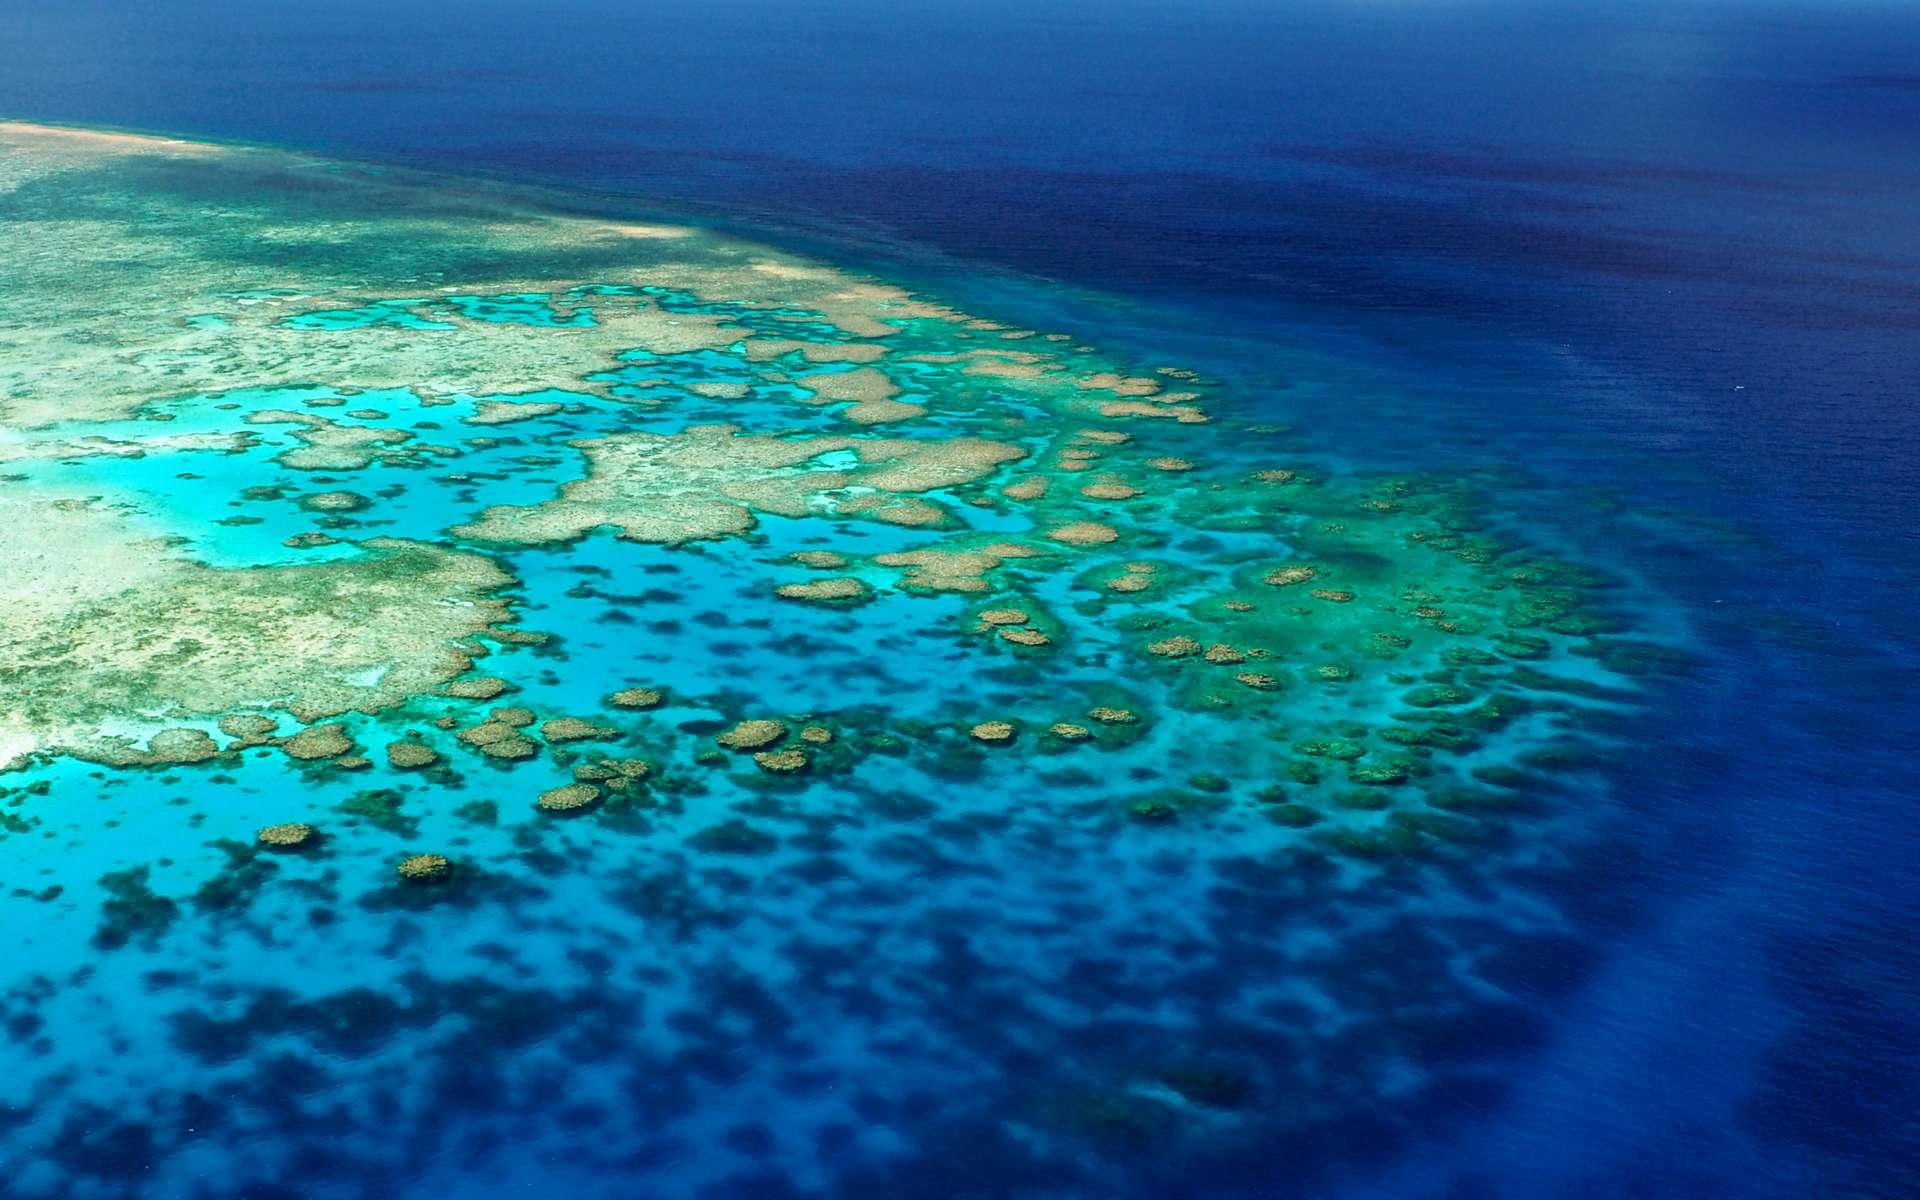 Le bord peu profond du récif de Lodestone, Grande barrière de corail, en Australie. © Coral_Brunner, Adobe Stock